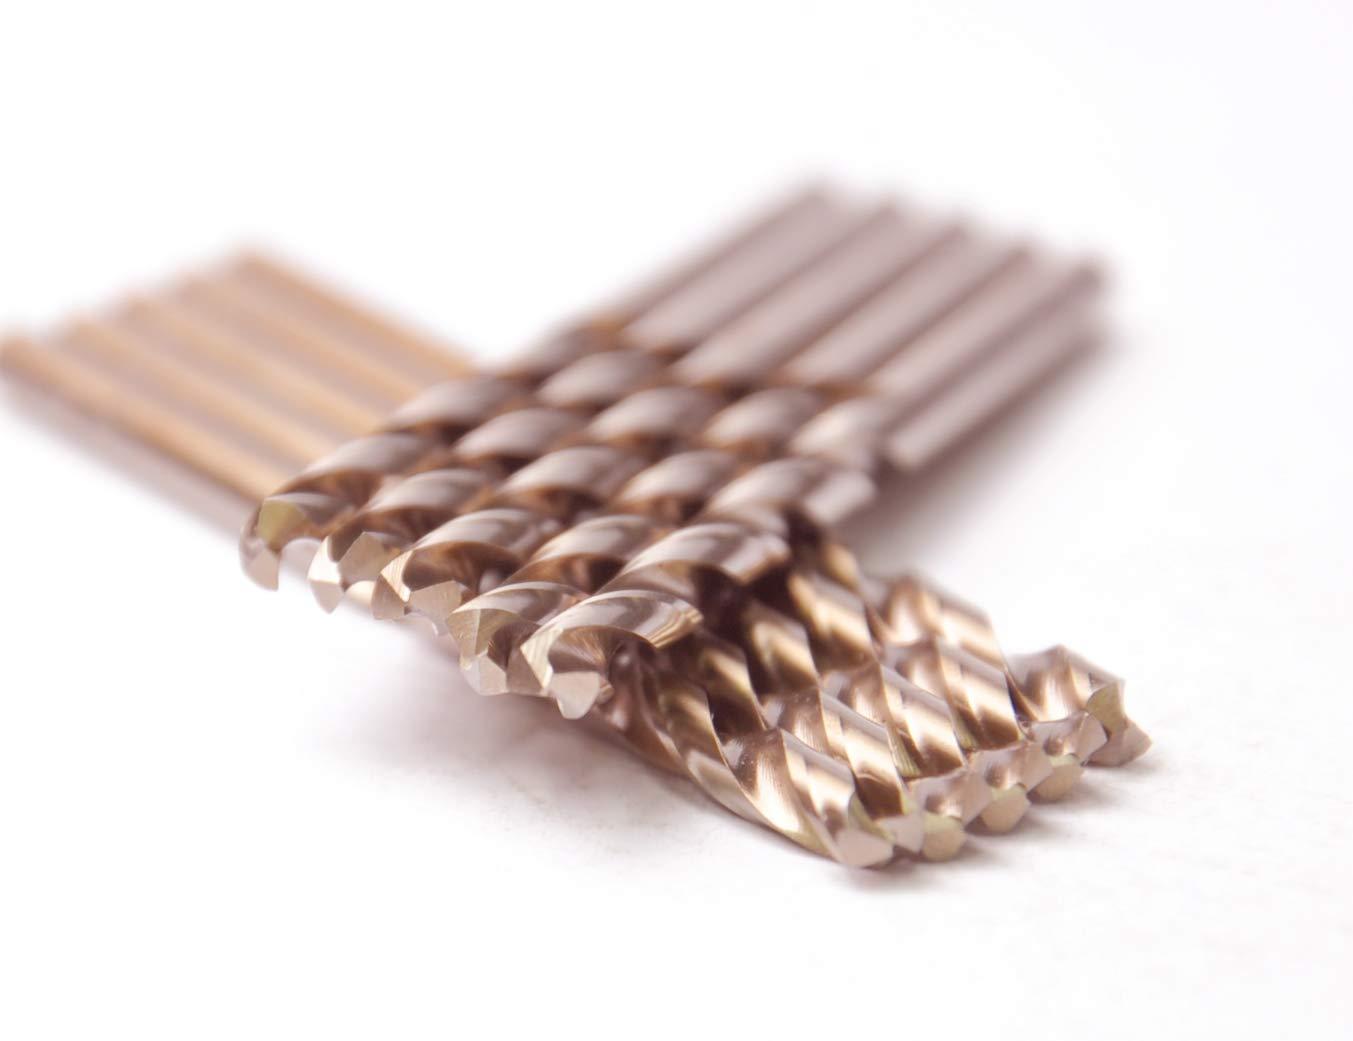 """10 Pcs Pack 5/32"""" Inch M35 HSS Cobalt Drill Bit Jobber Length Drill Bits Twist Drill Bits 135 Deg. Split Point Drilling Steel, Meteal, Iron."""